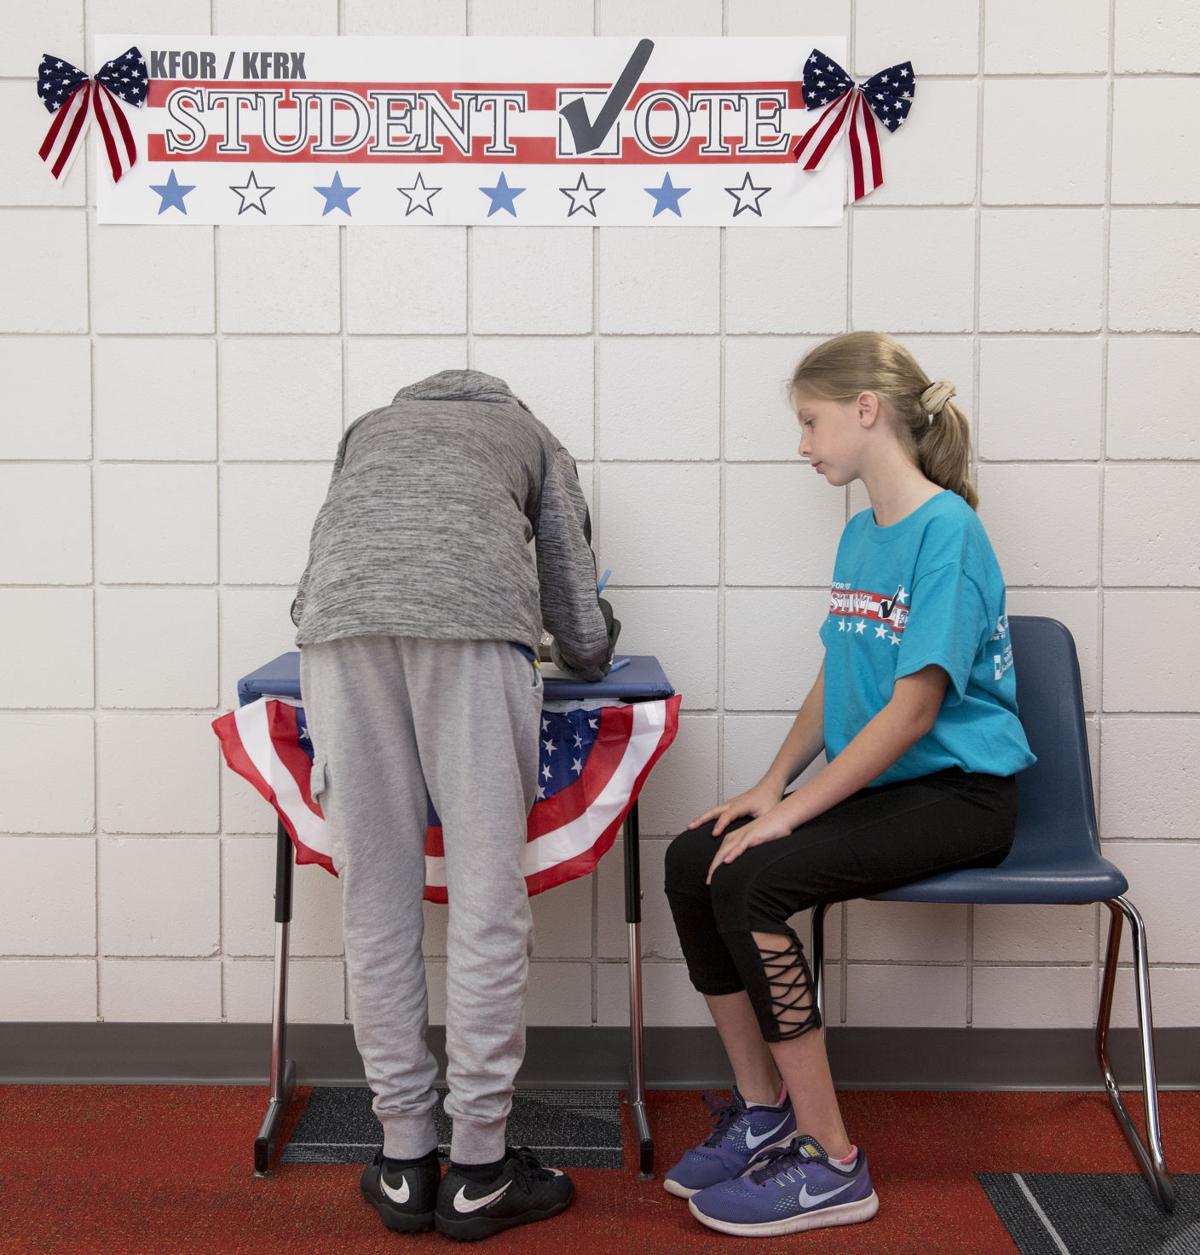 Students Vote, 11.1.18